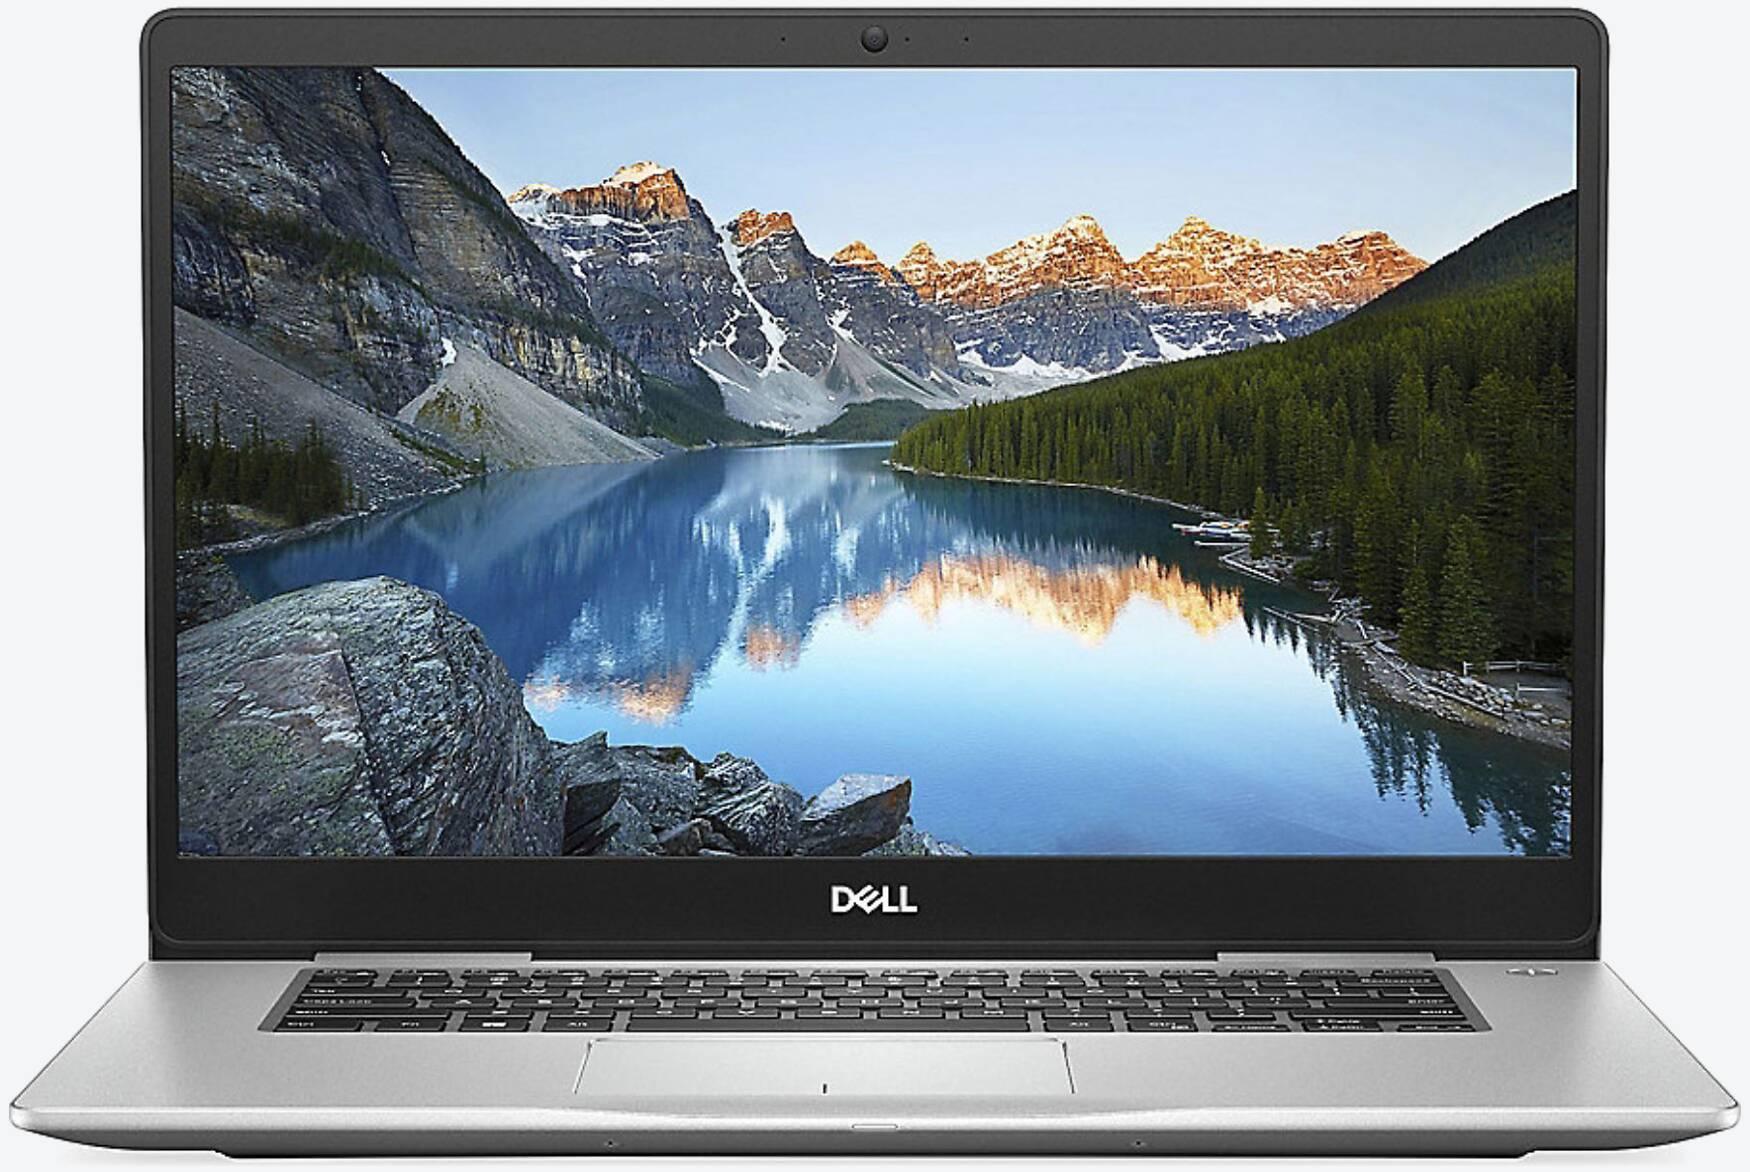 Dell Inspiron 15 7570 (G6KFD)